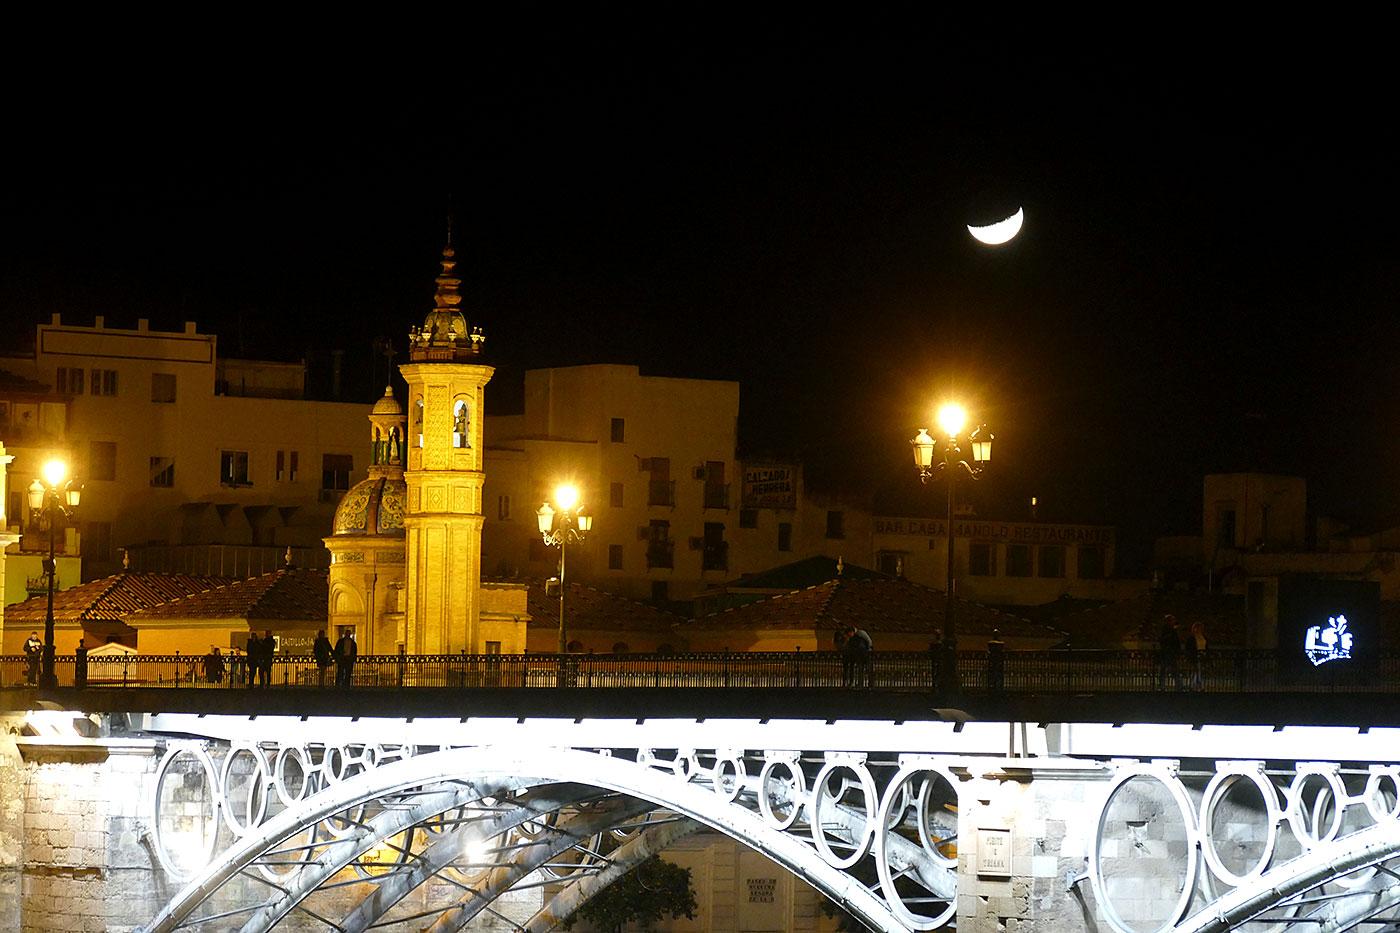 capilla carmen puente triana noche sevilla